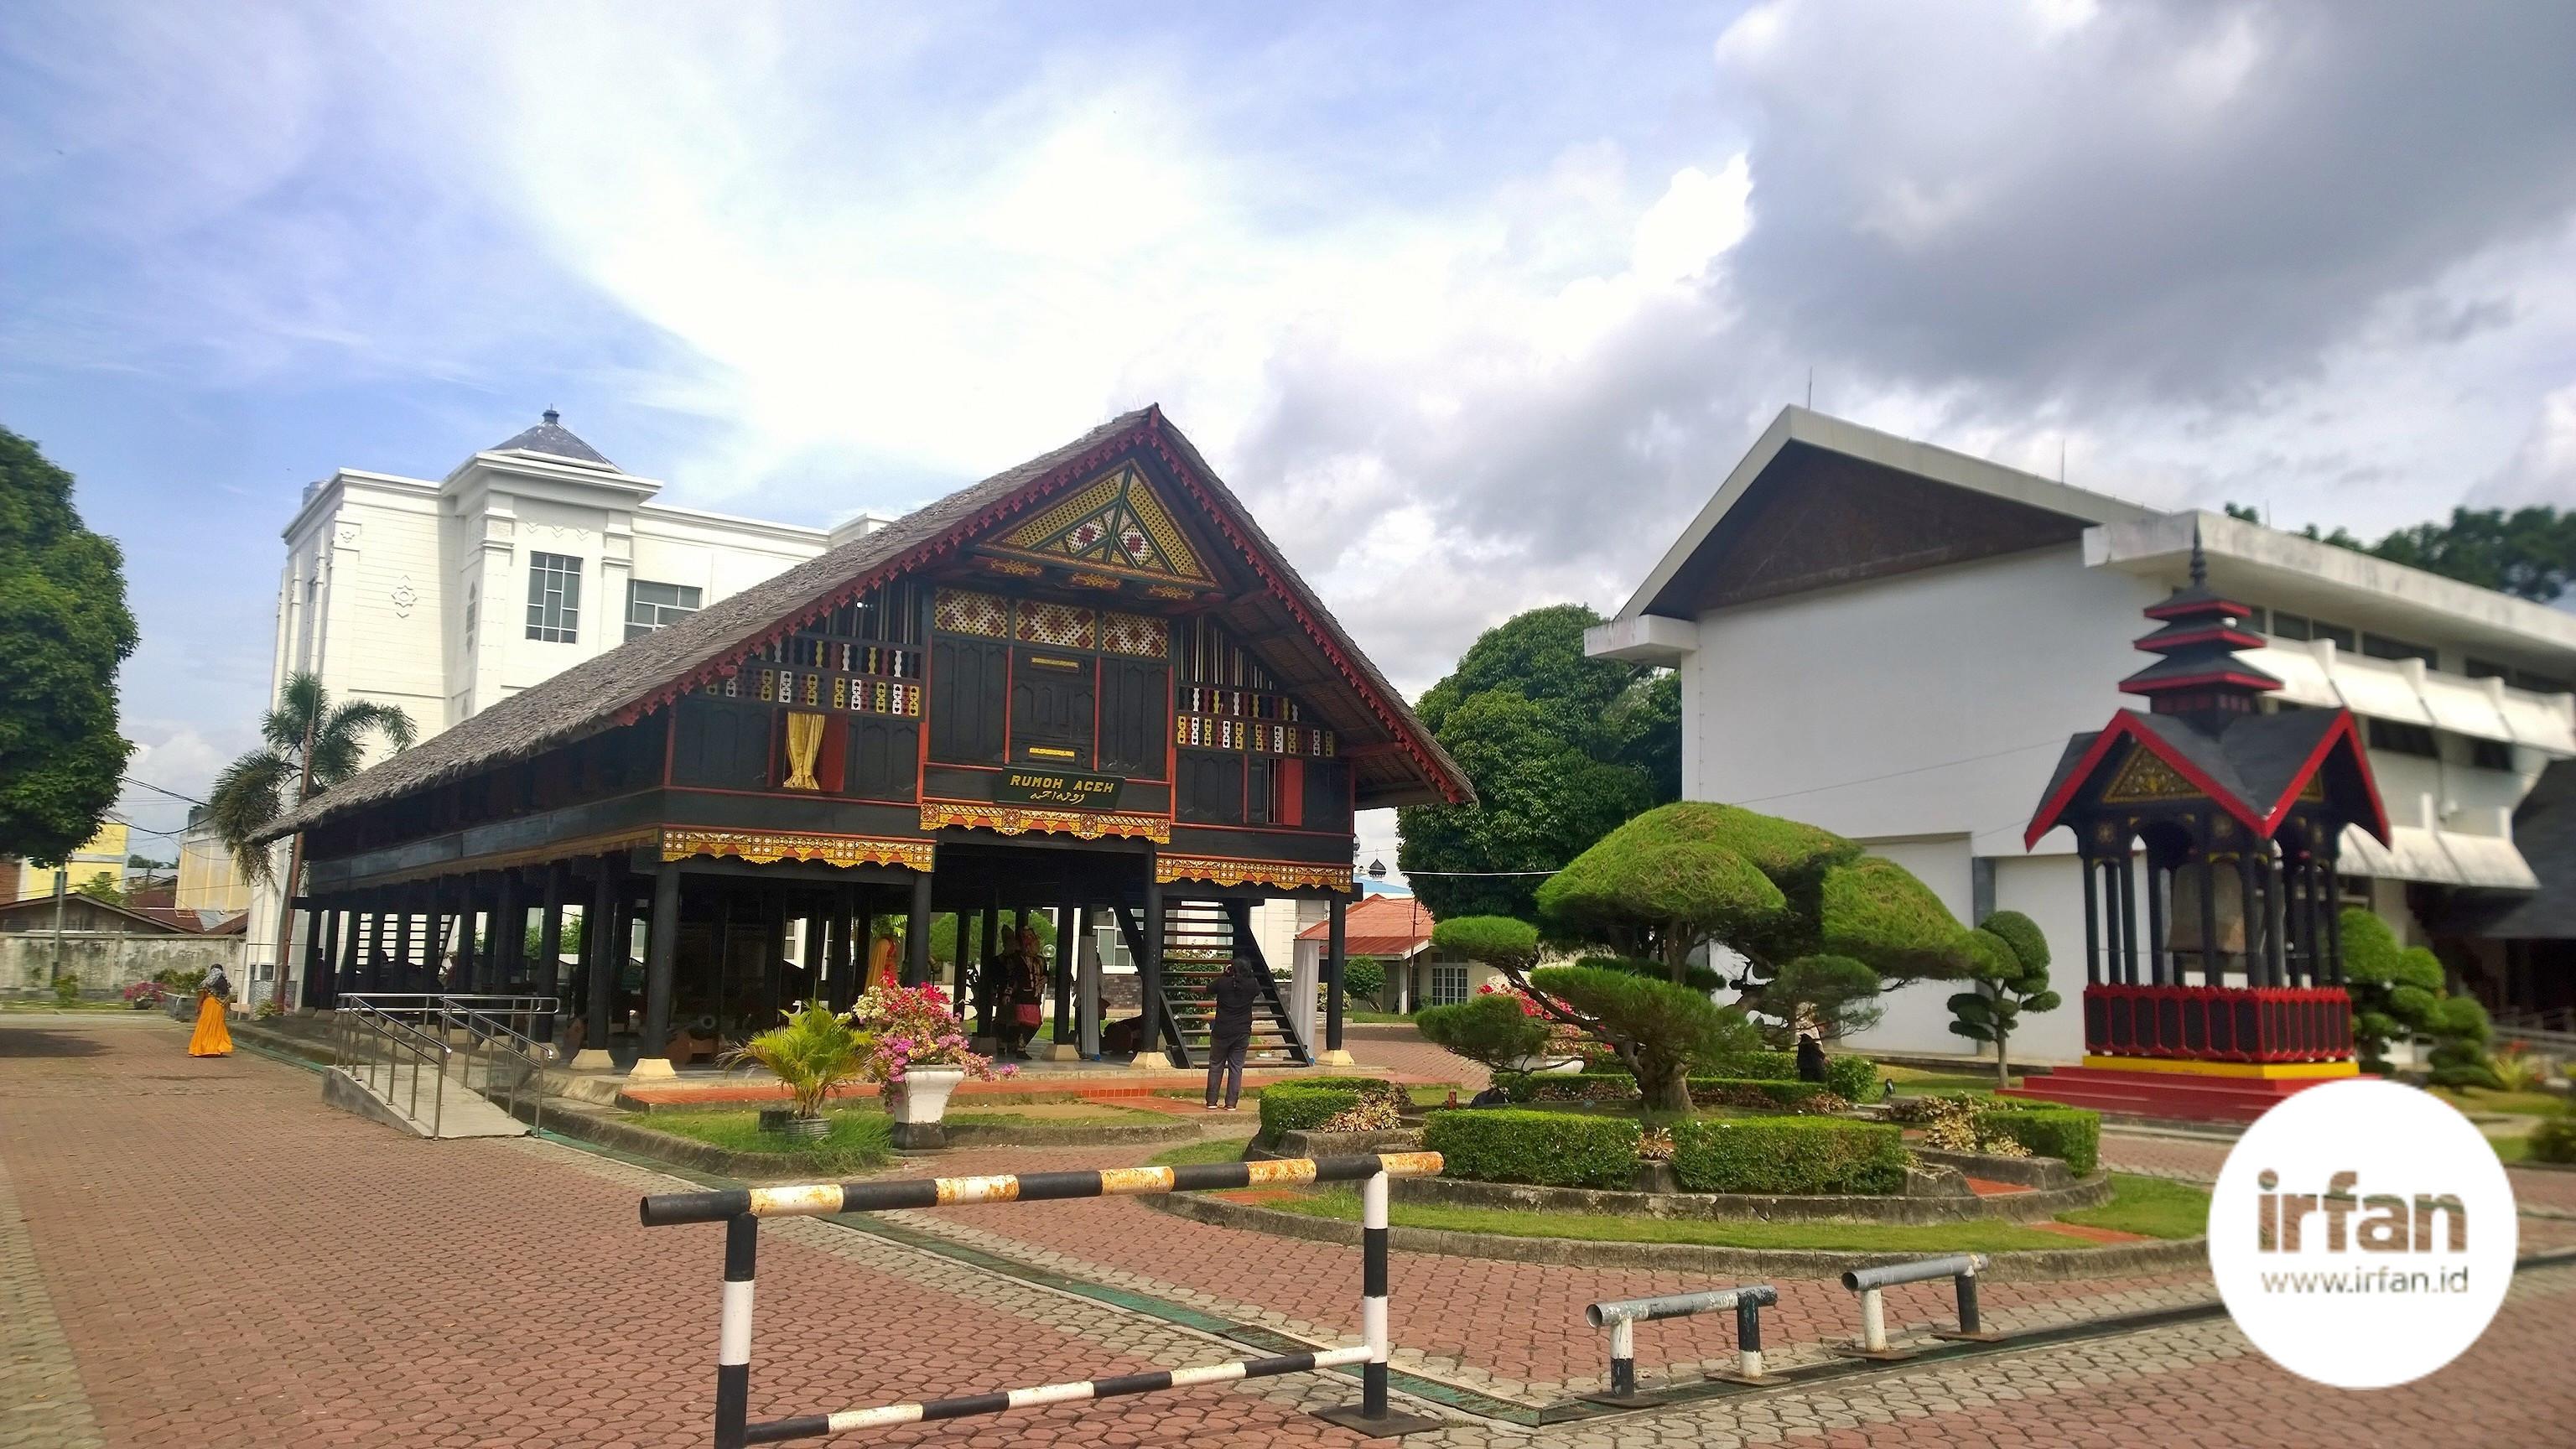 FOTO: Museum Negeri Aceh, Wisata Sejarah Yang Wajib Dikunjungi 35